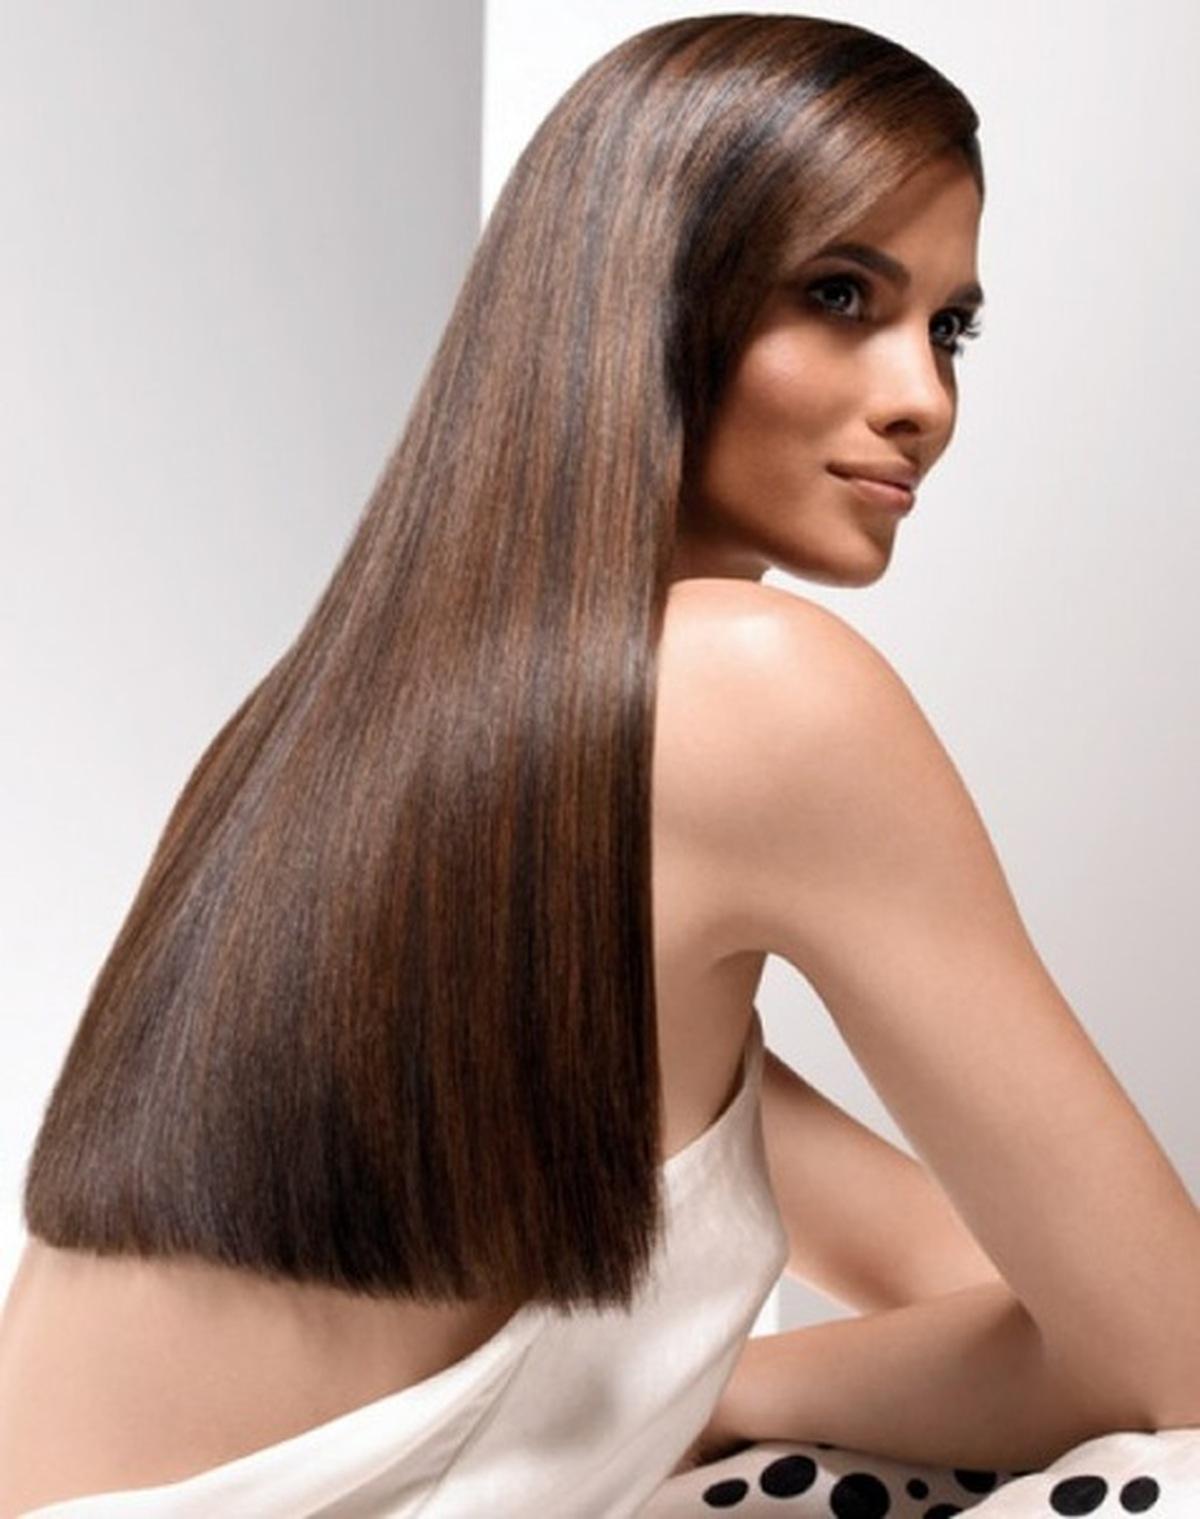 шатуш на темные длинные прямые волосы